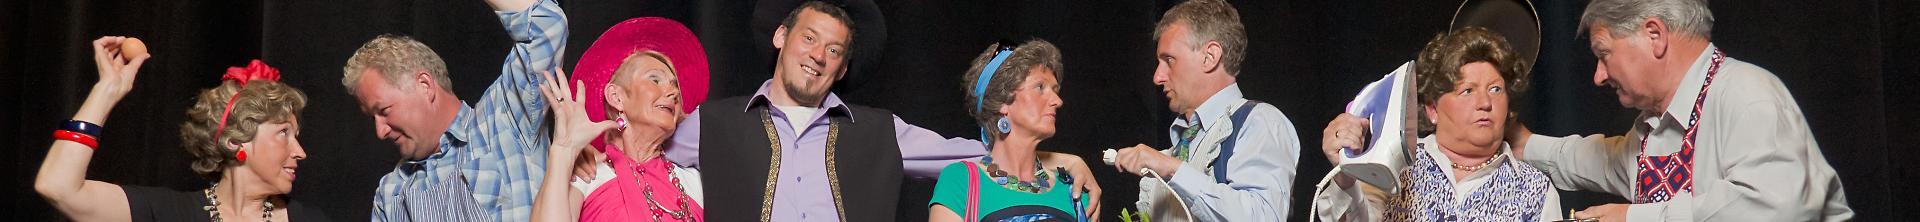 Theatergruppe des Heimatvereins Darme - Copyright www.welt-gestalten.de